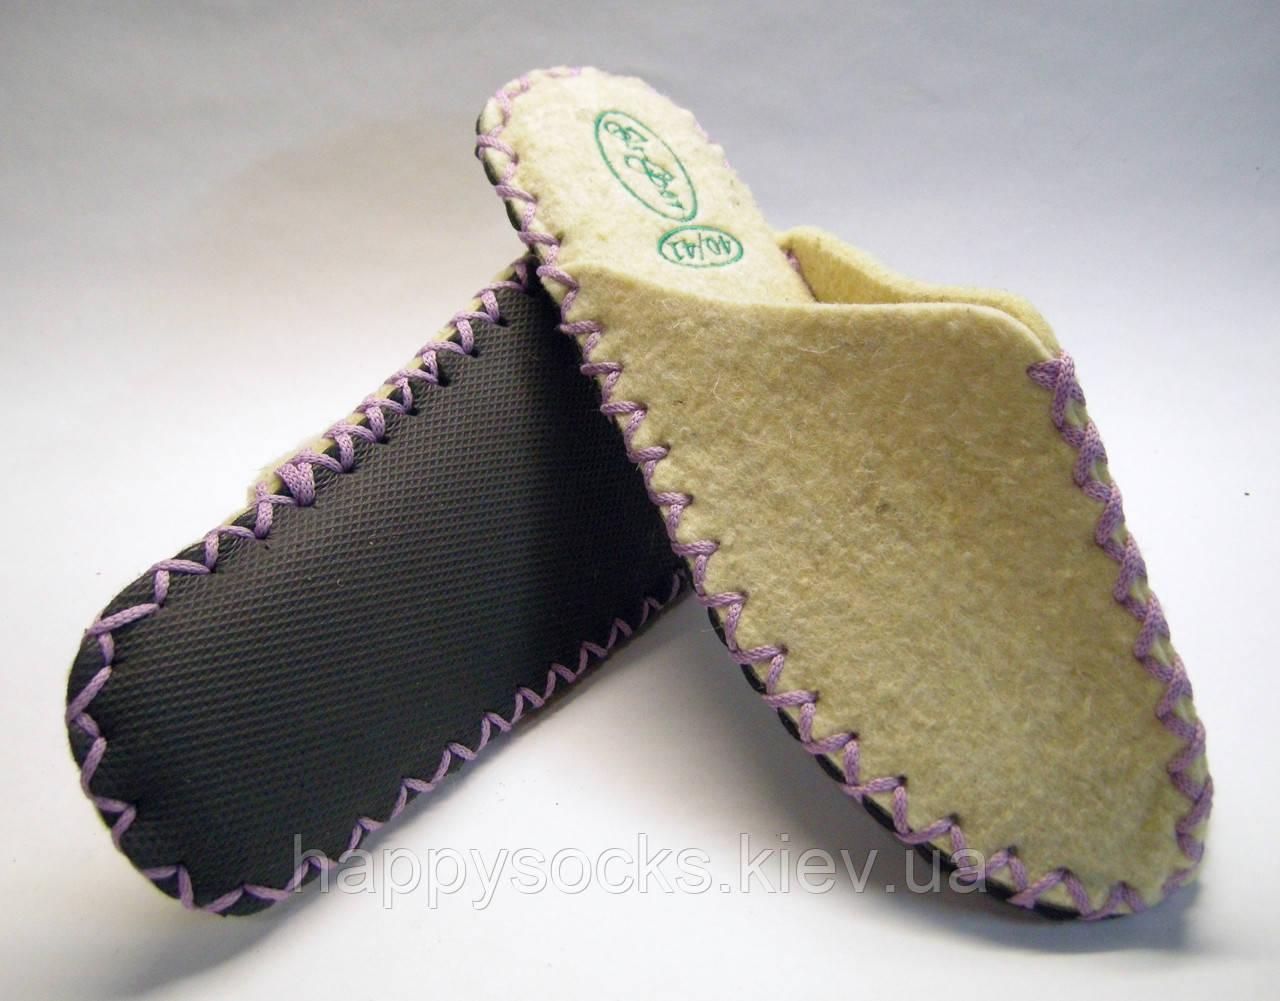 Войлочные шерстяные тапочки женские с сиреневым шнурком